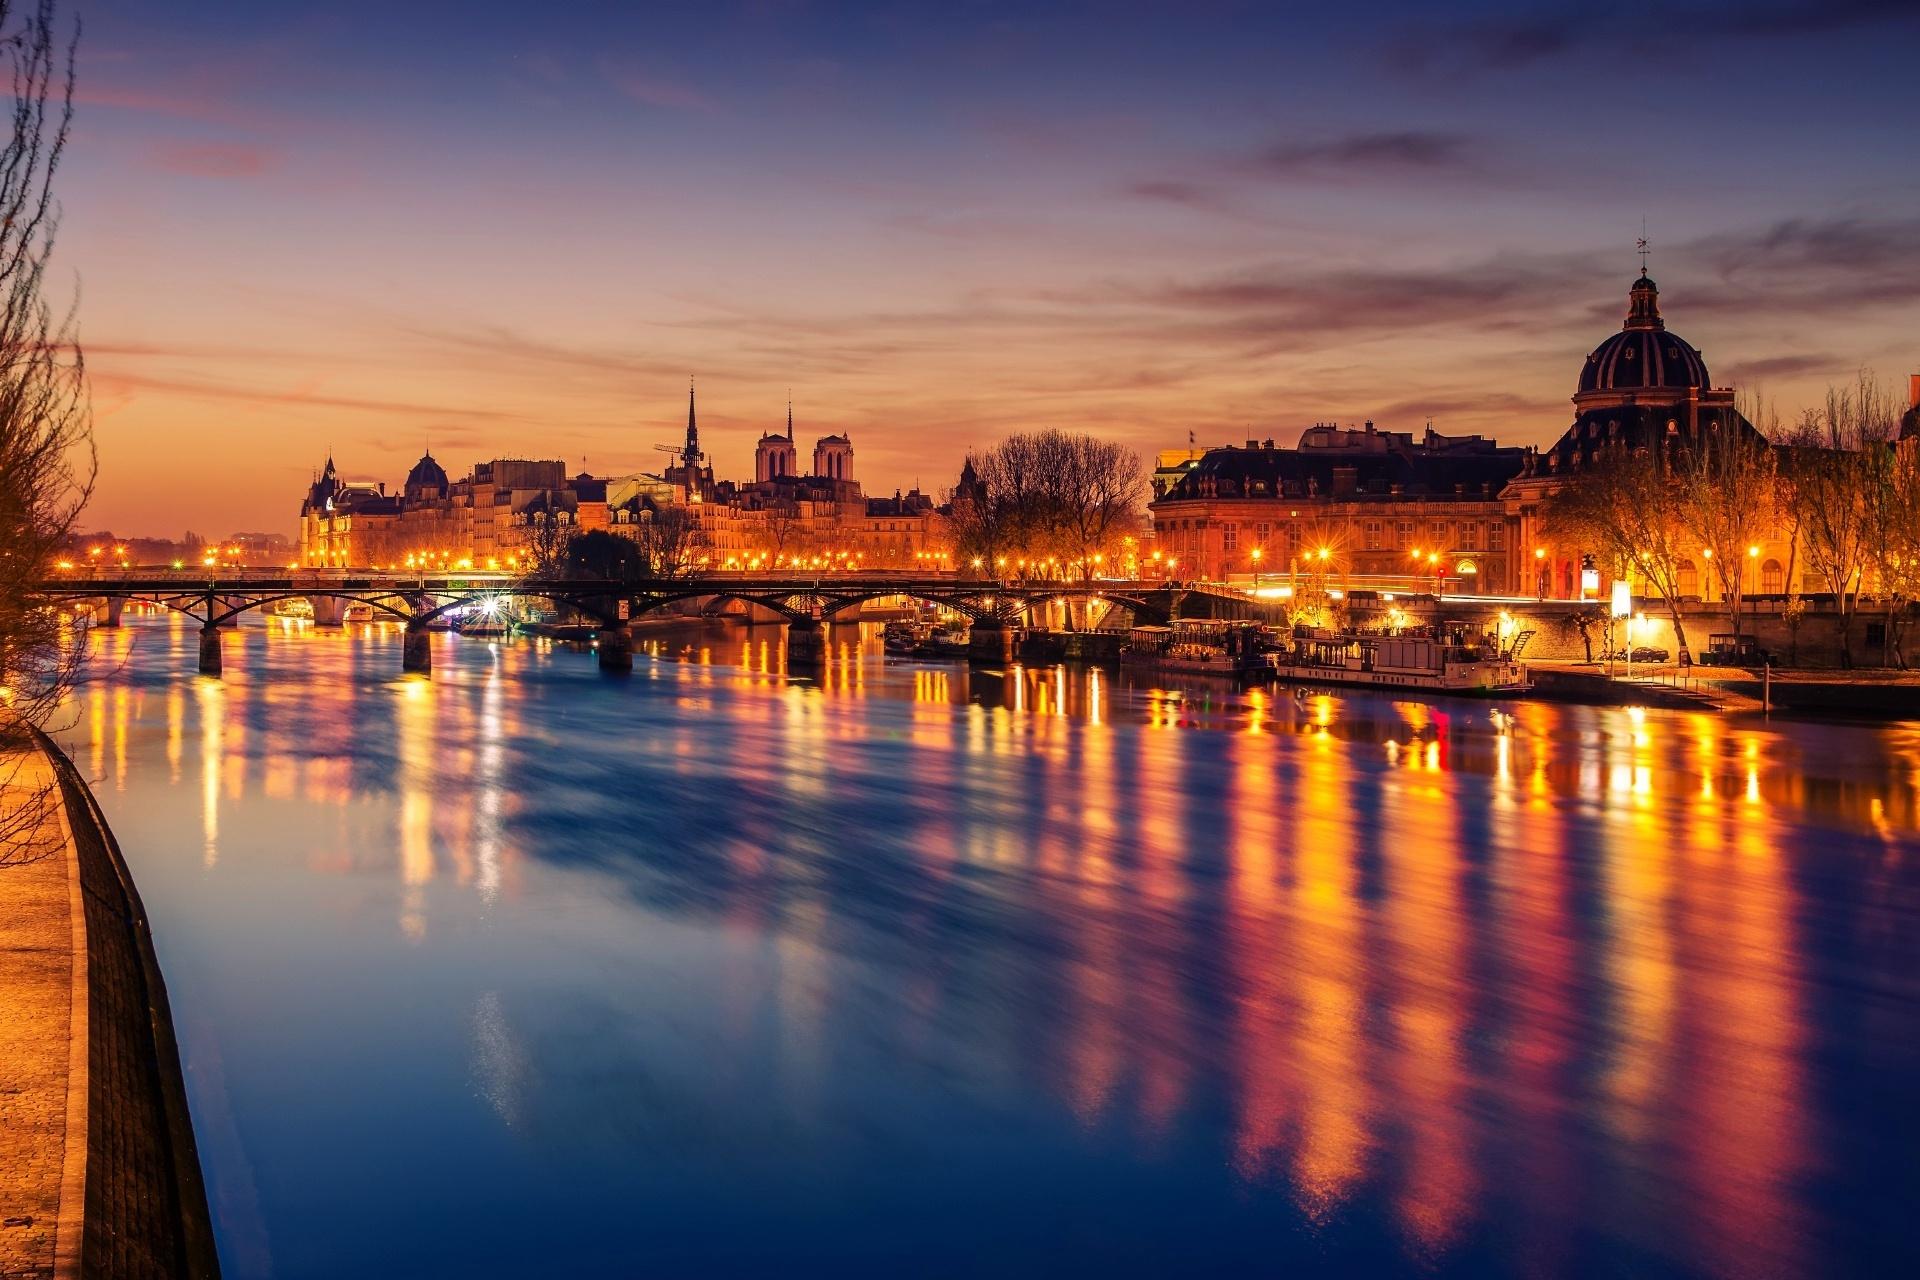 フランス パリ セーヌ川と旧市街 フランスの冬の美しい日の出の風景